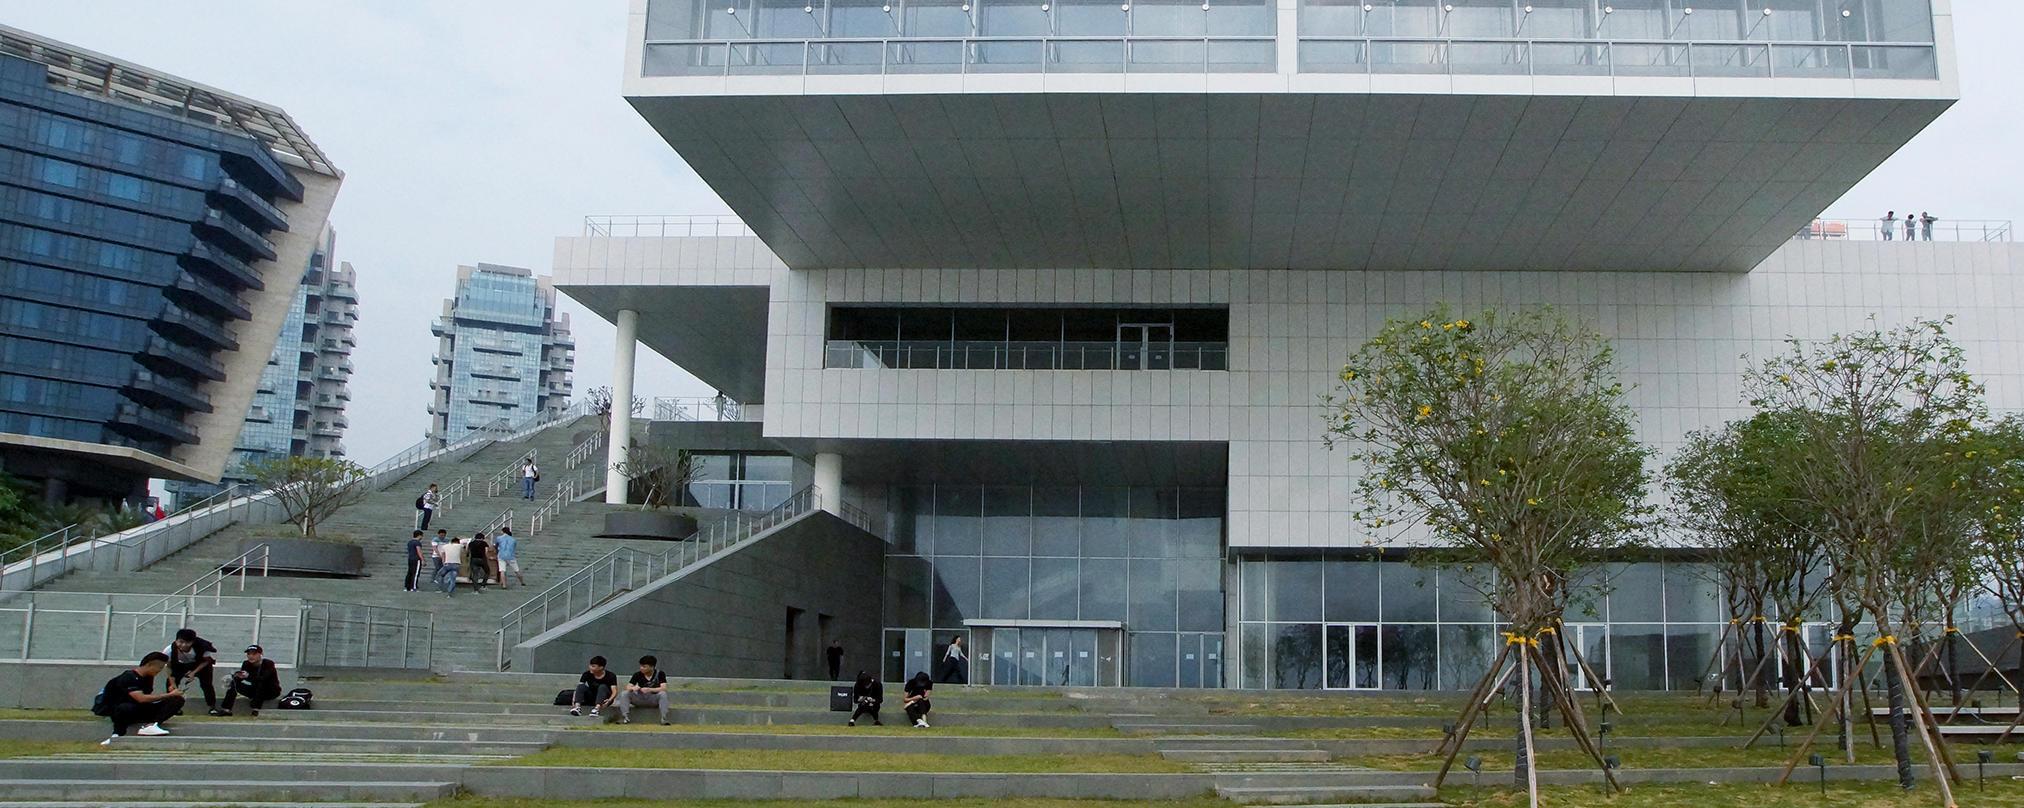 滨海大台阶-官网banner